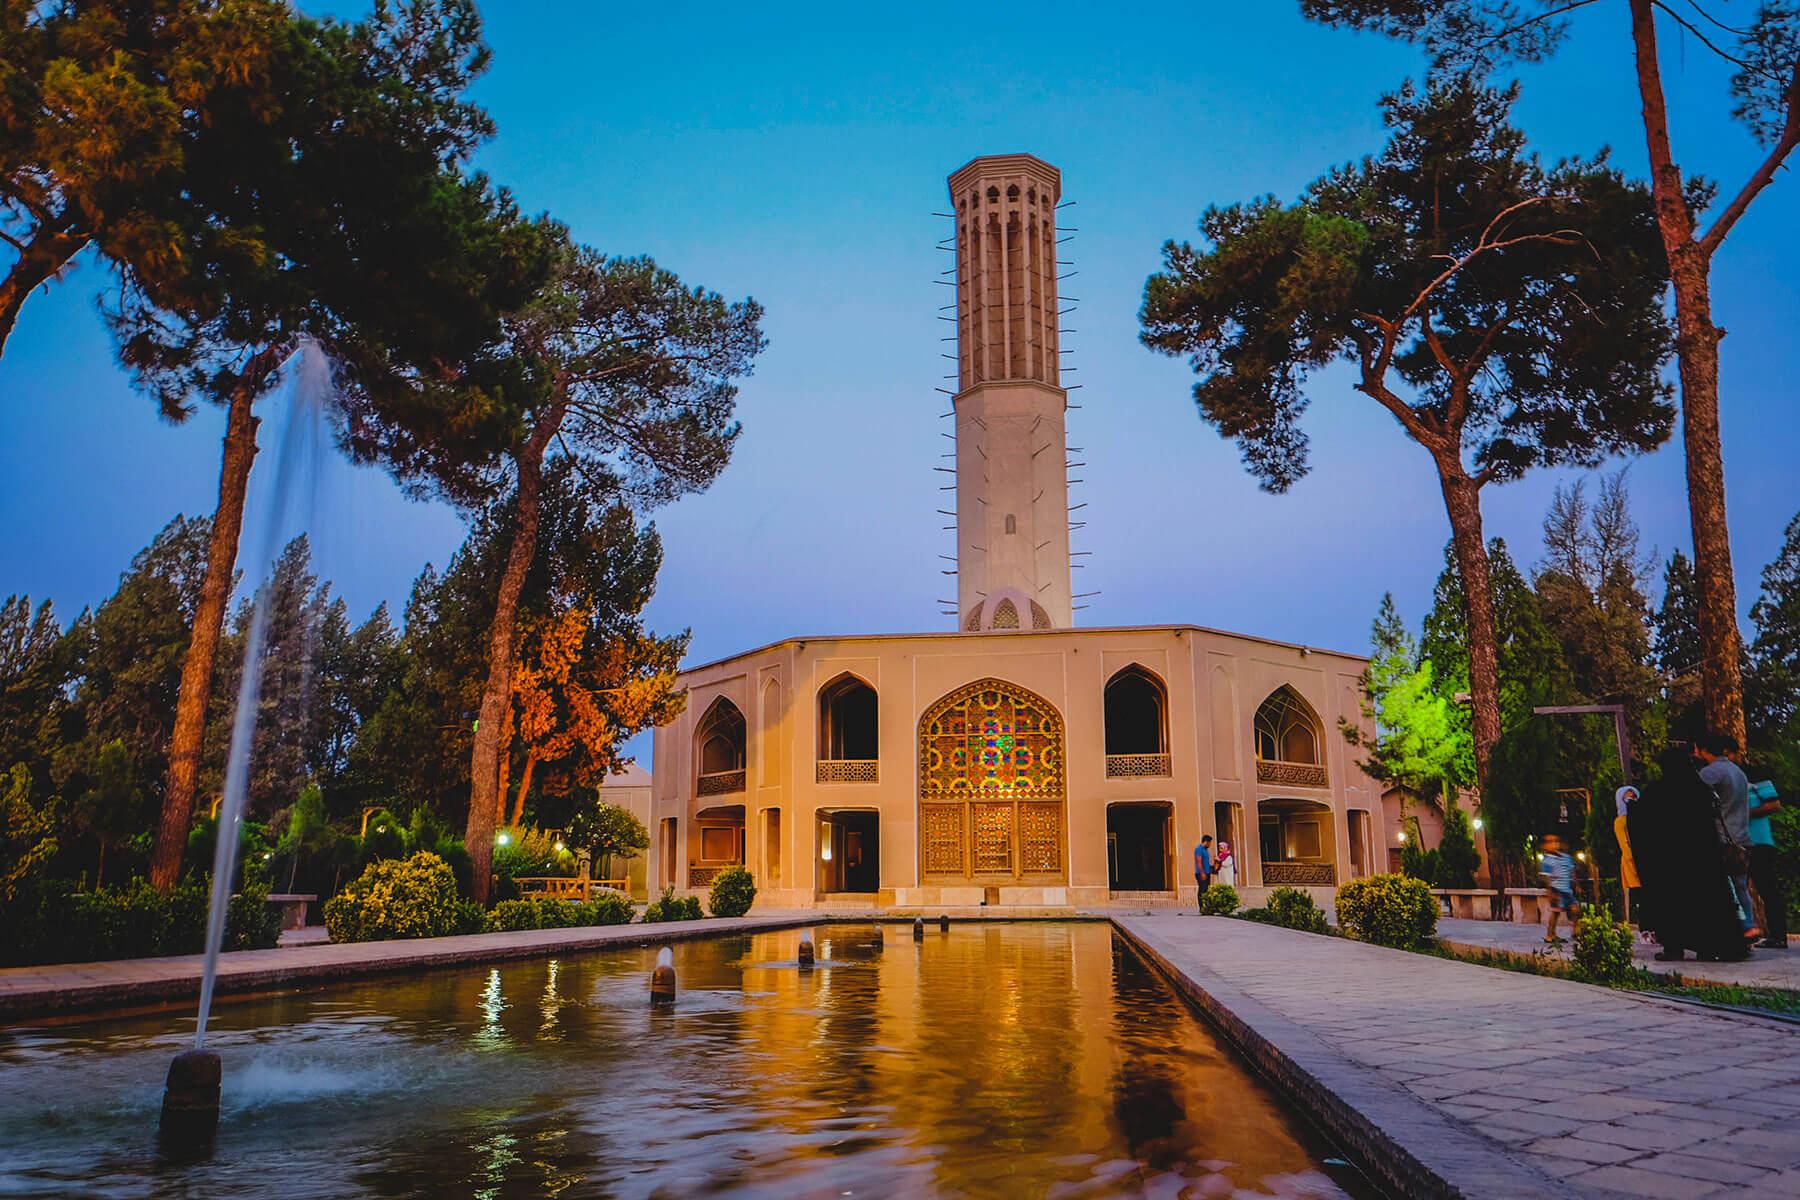 Dowlat Abad garden of Yazd, Iran